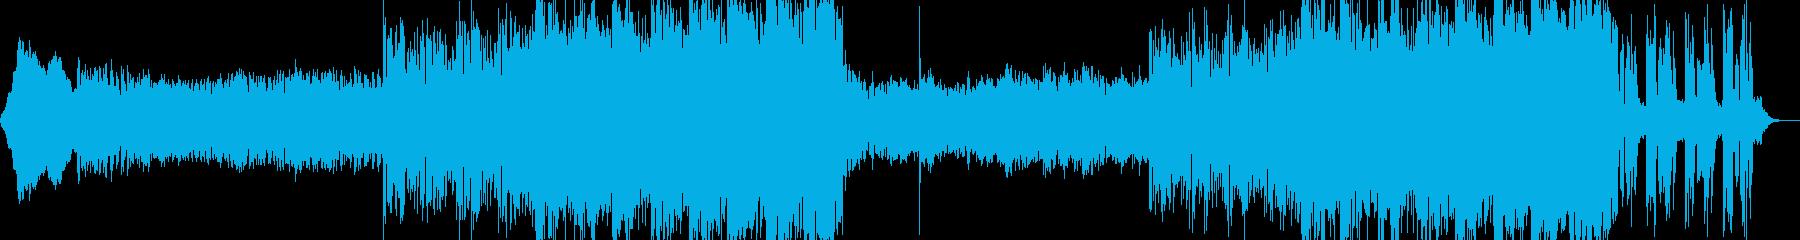 緊迫感漂うエレクトニカ風BGMの再生済みの波形